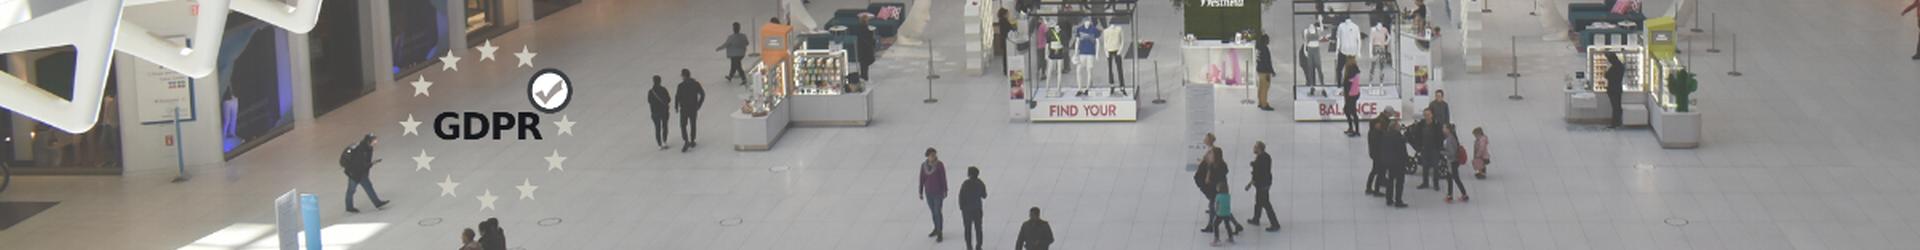 10.000 Ft értékű kupon GDPR adatvédelmi dokumentáció elkészítésére kamerás megfigyelőrendszerhez